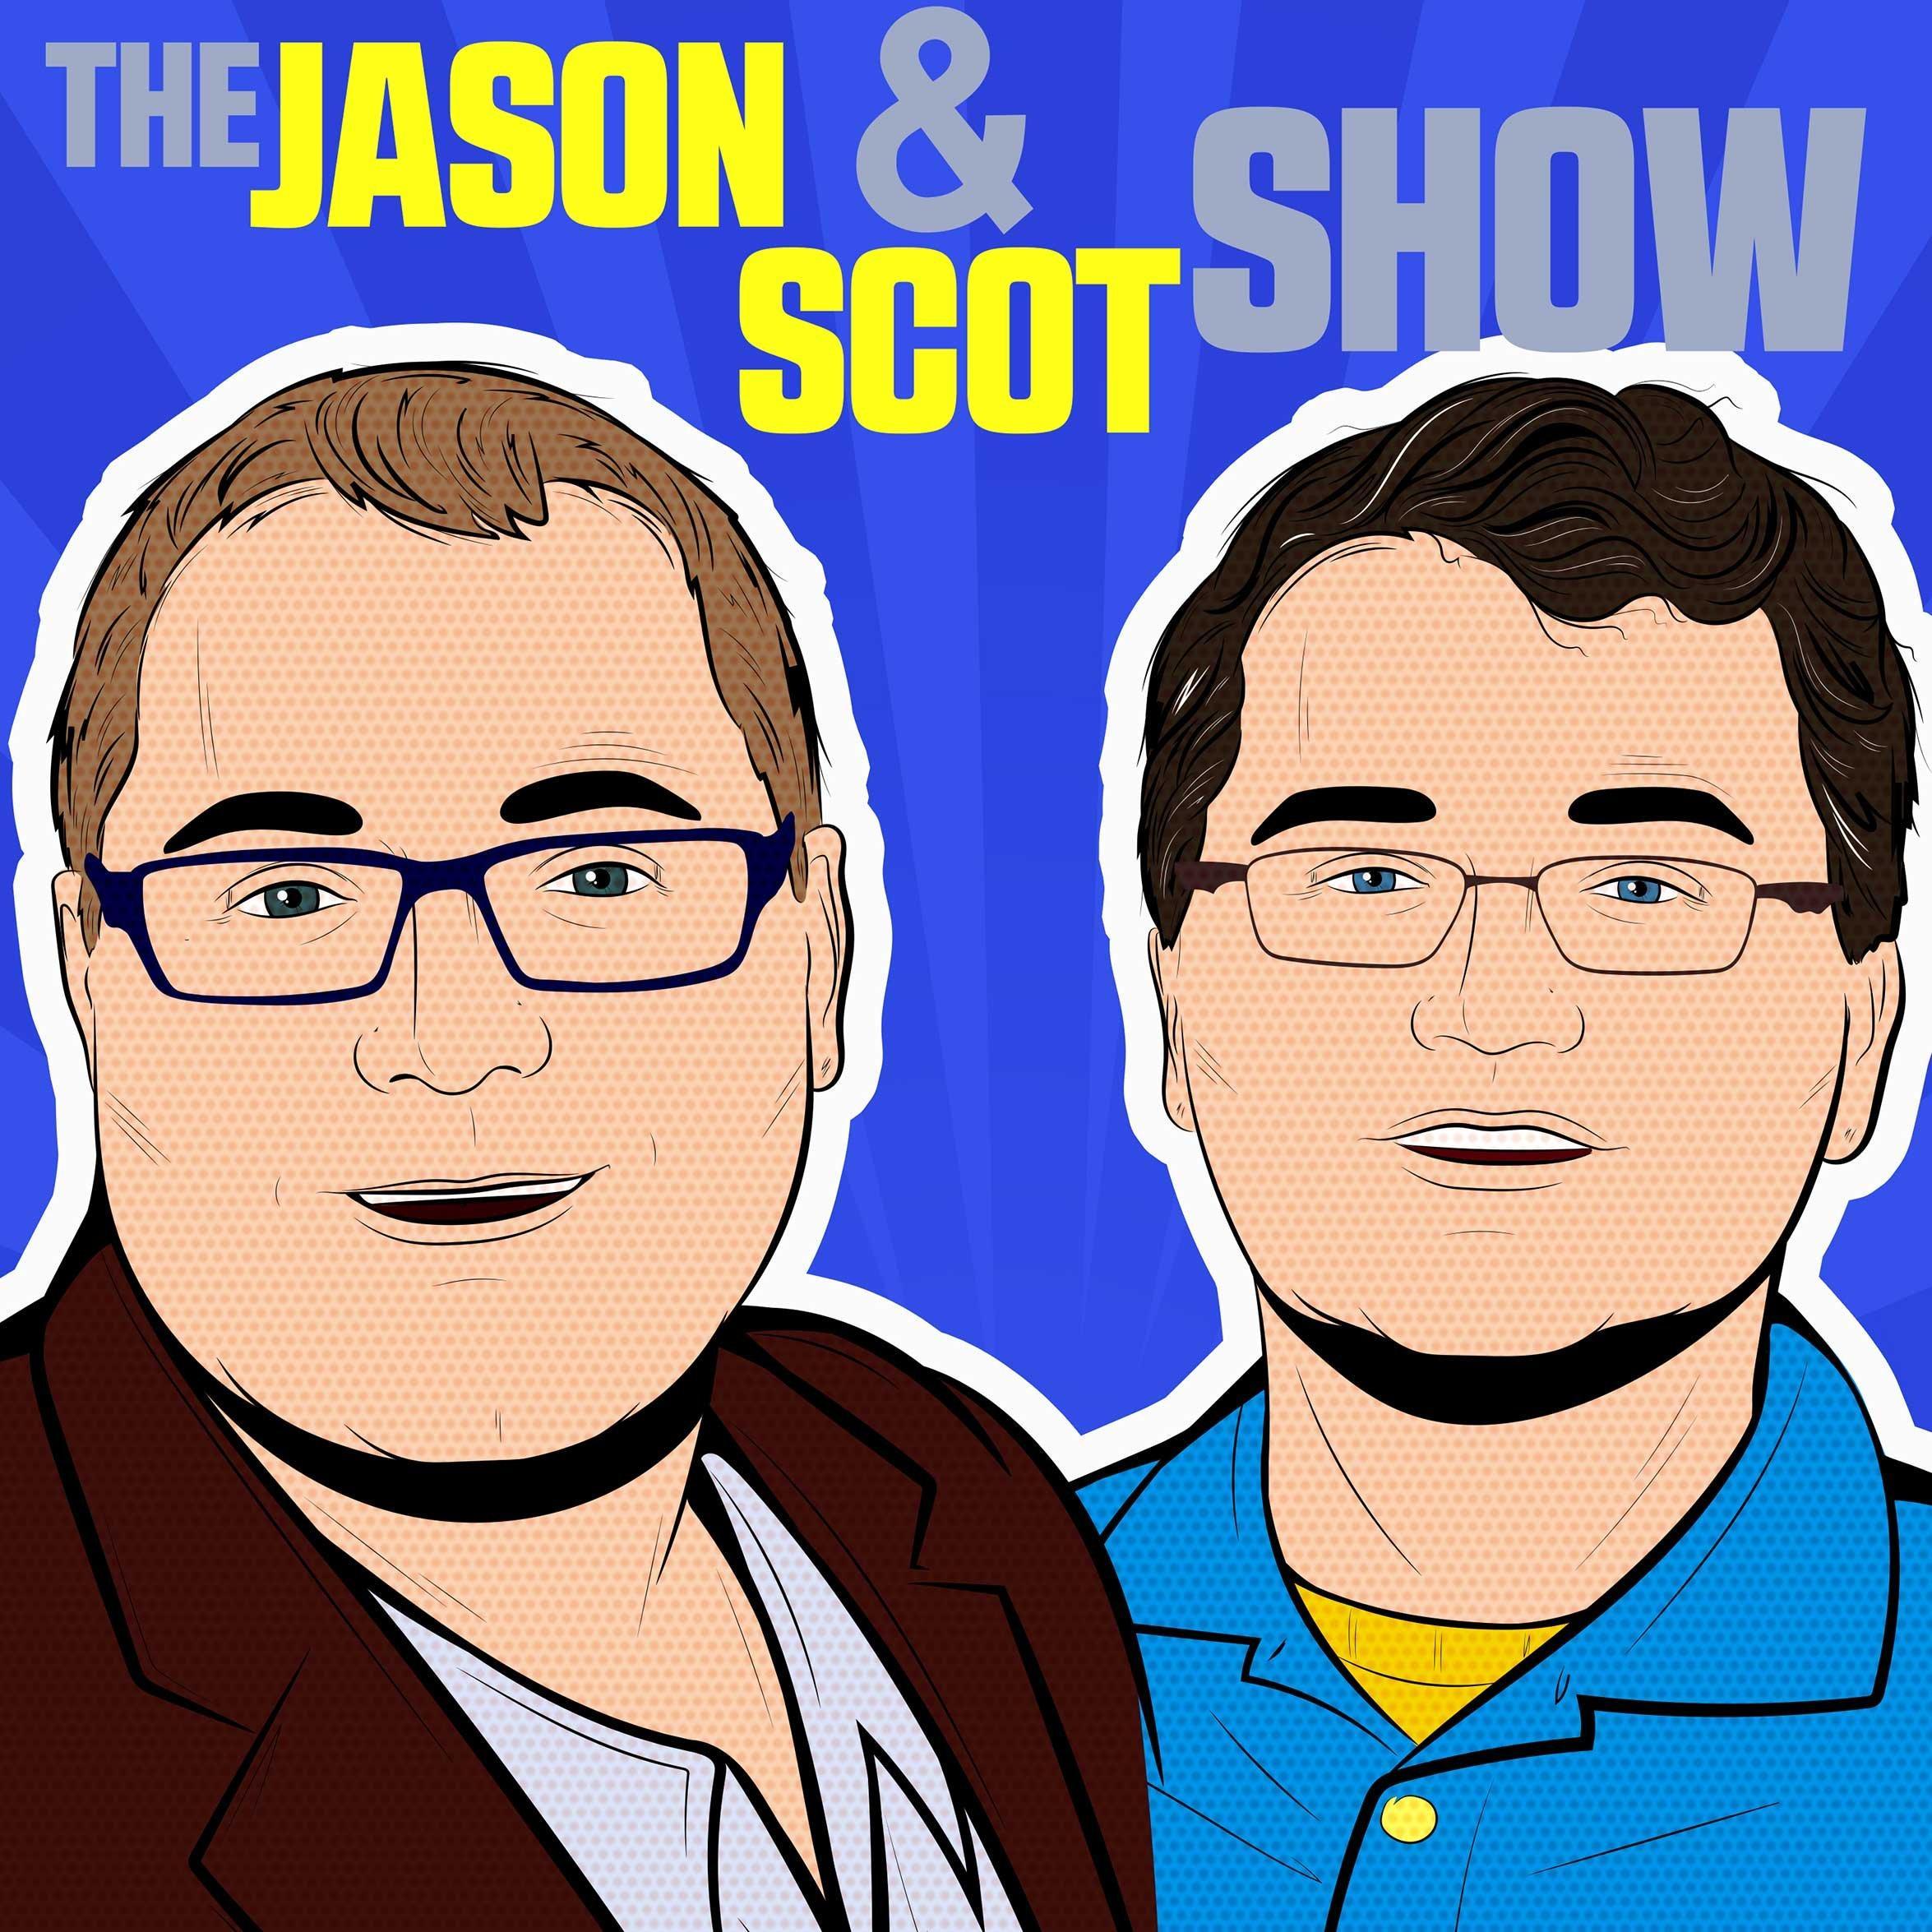 Jason Scot Show Episode 85 Futurecommerce Joint Podcast Part 2 Retailgeek Com